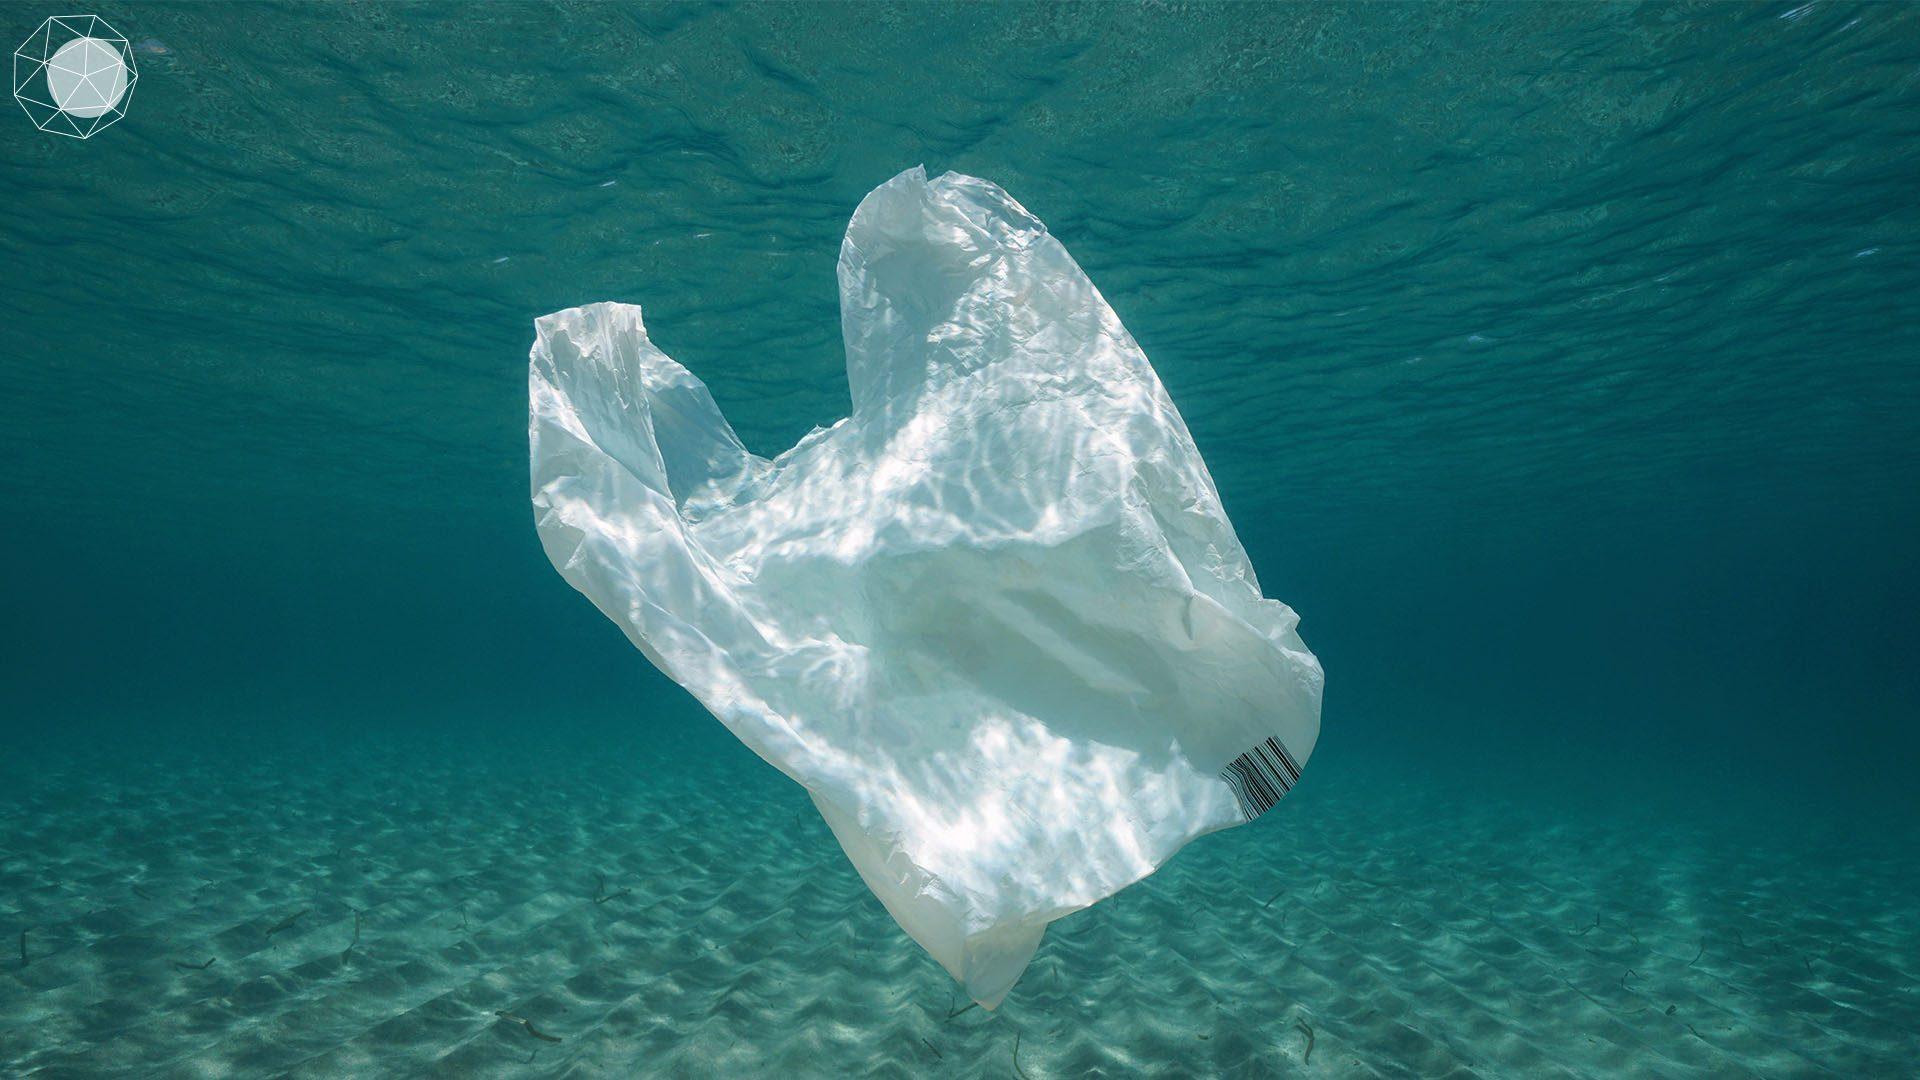 ลดขยะพลาสติกจากท้องทะเล_cover